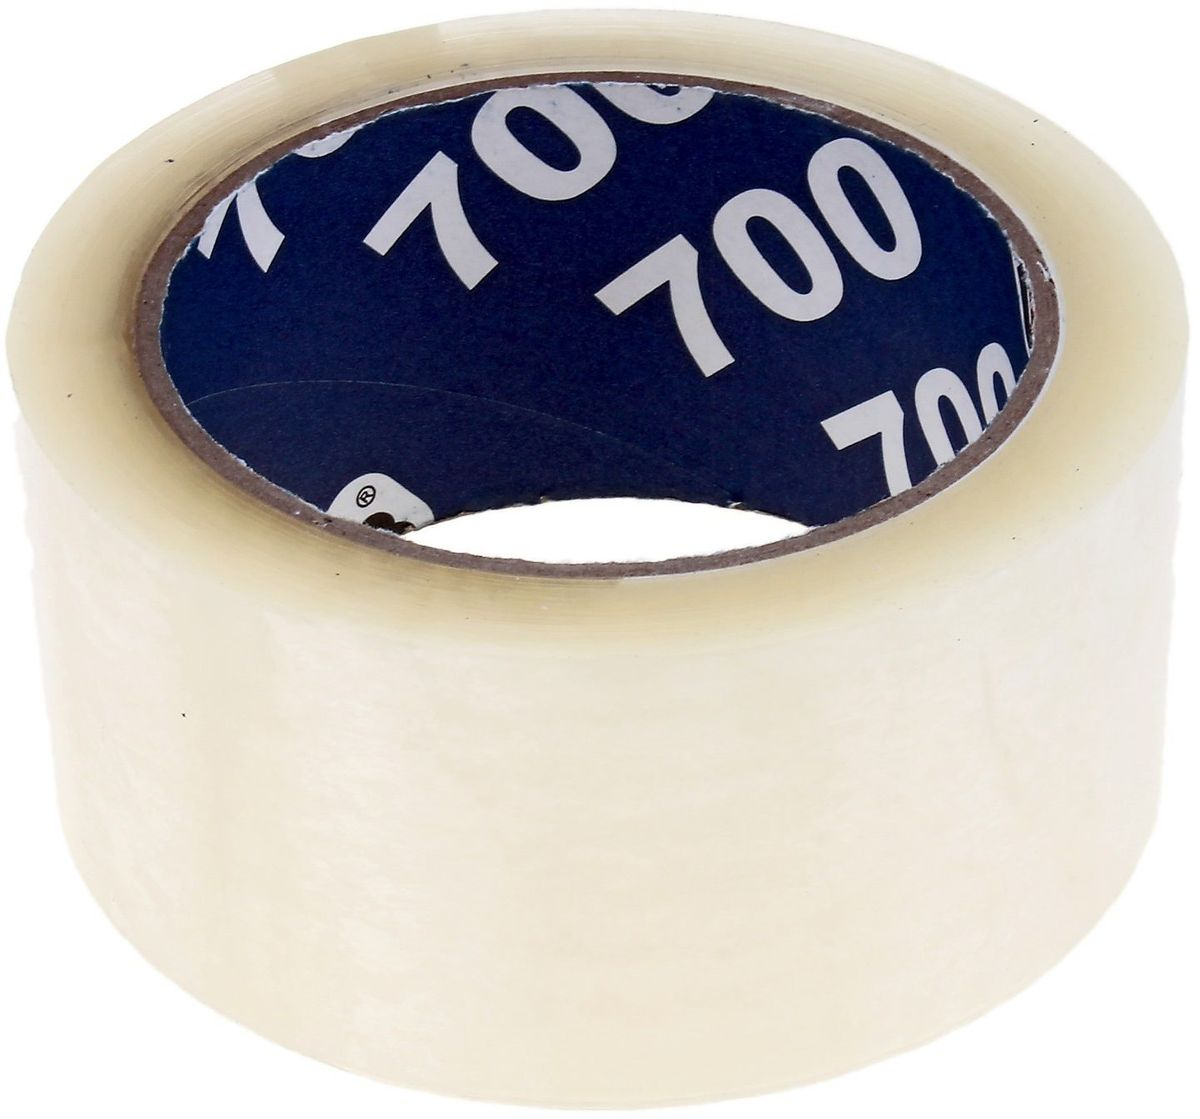 Клейкая лента 48 мм х 66 м цвет прозрачный 691937 мой выбор клейкая лента 48 мм х 66 м цвет прозрачный